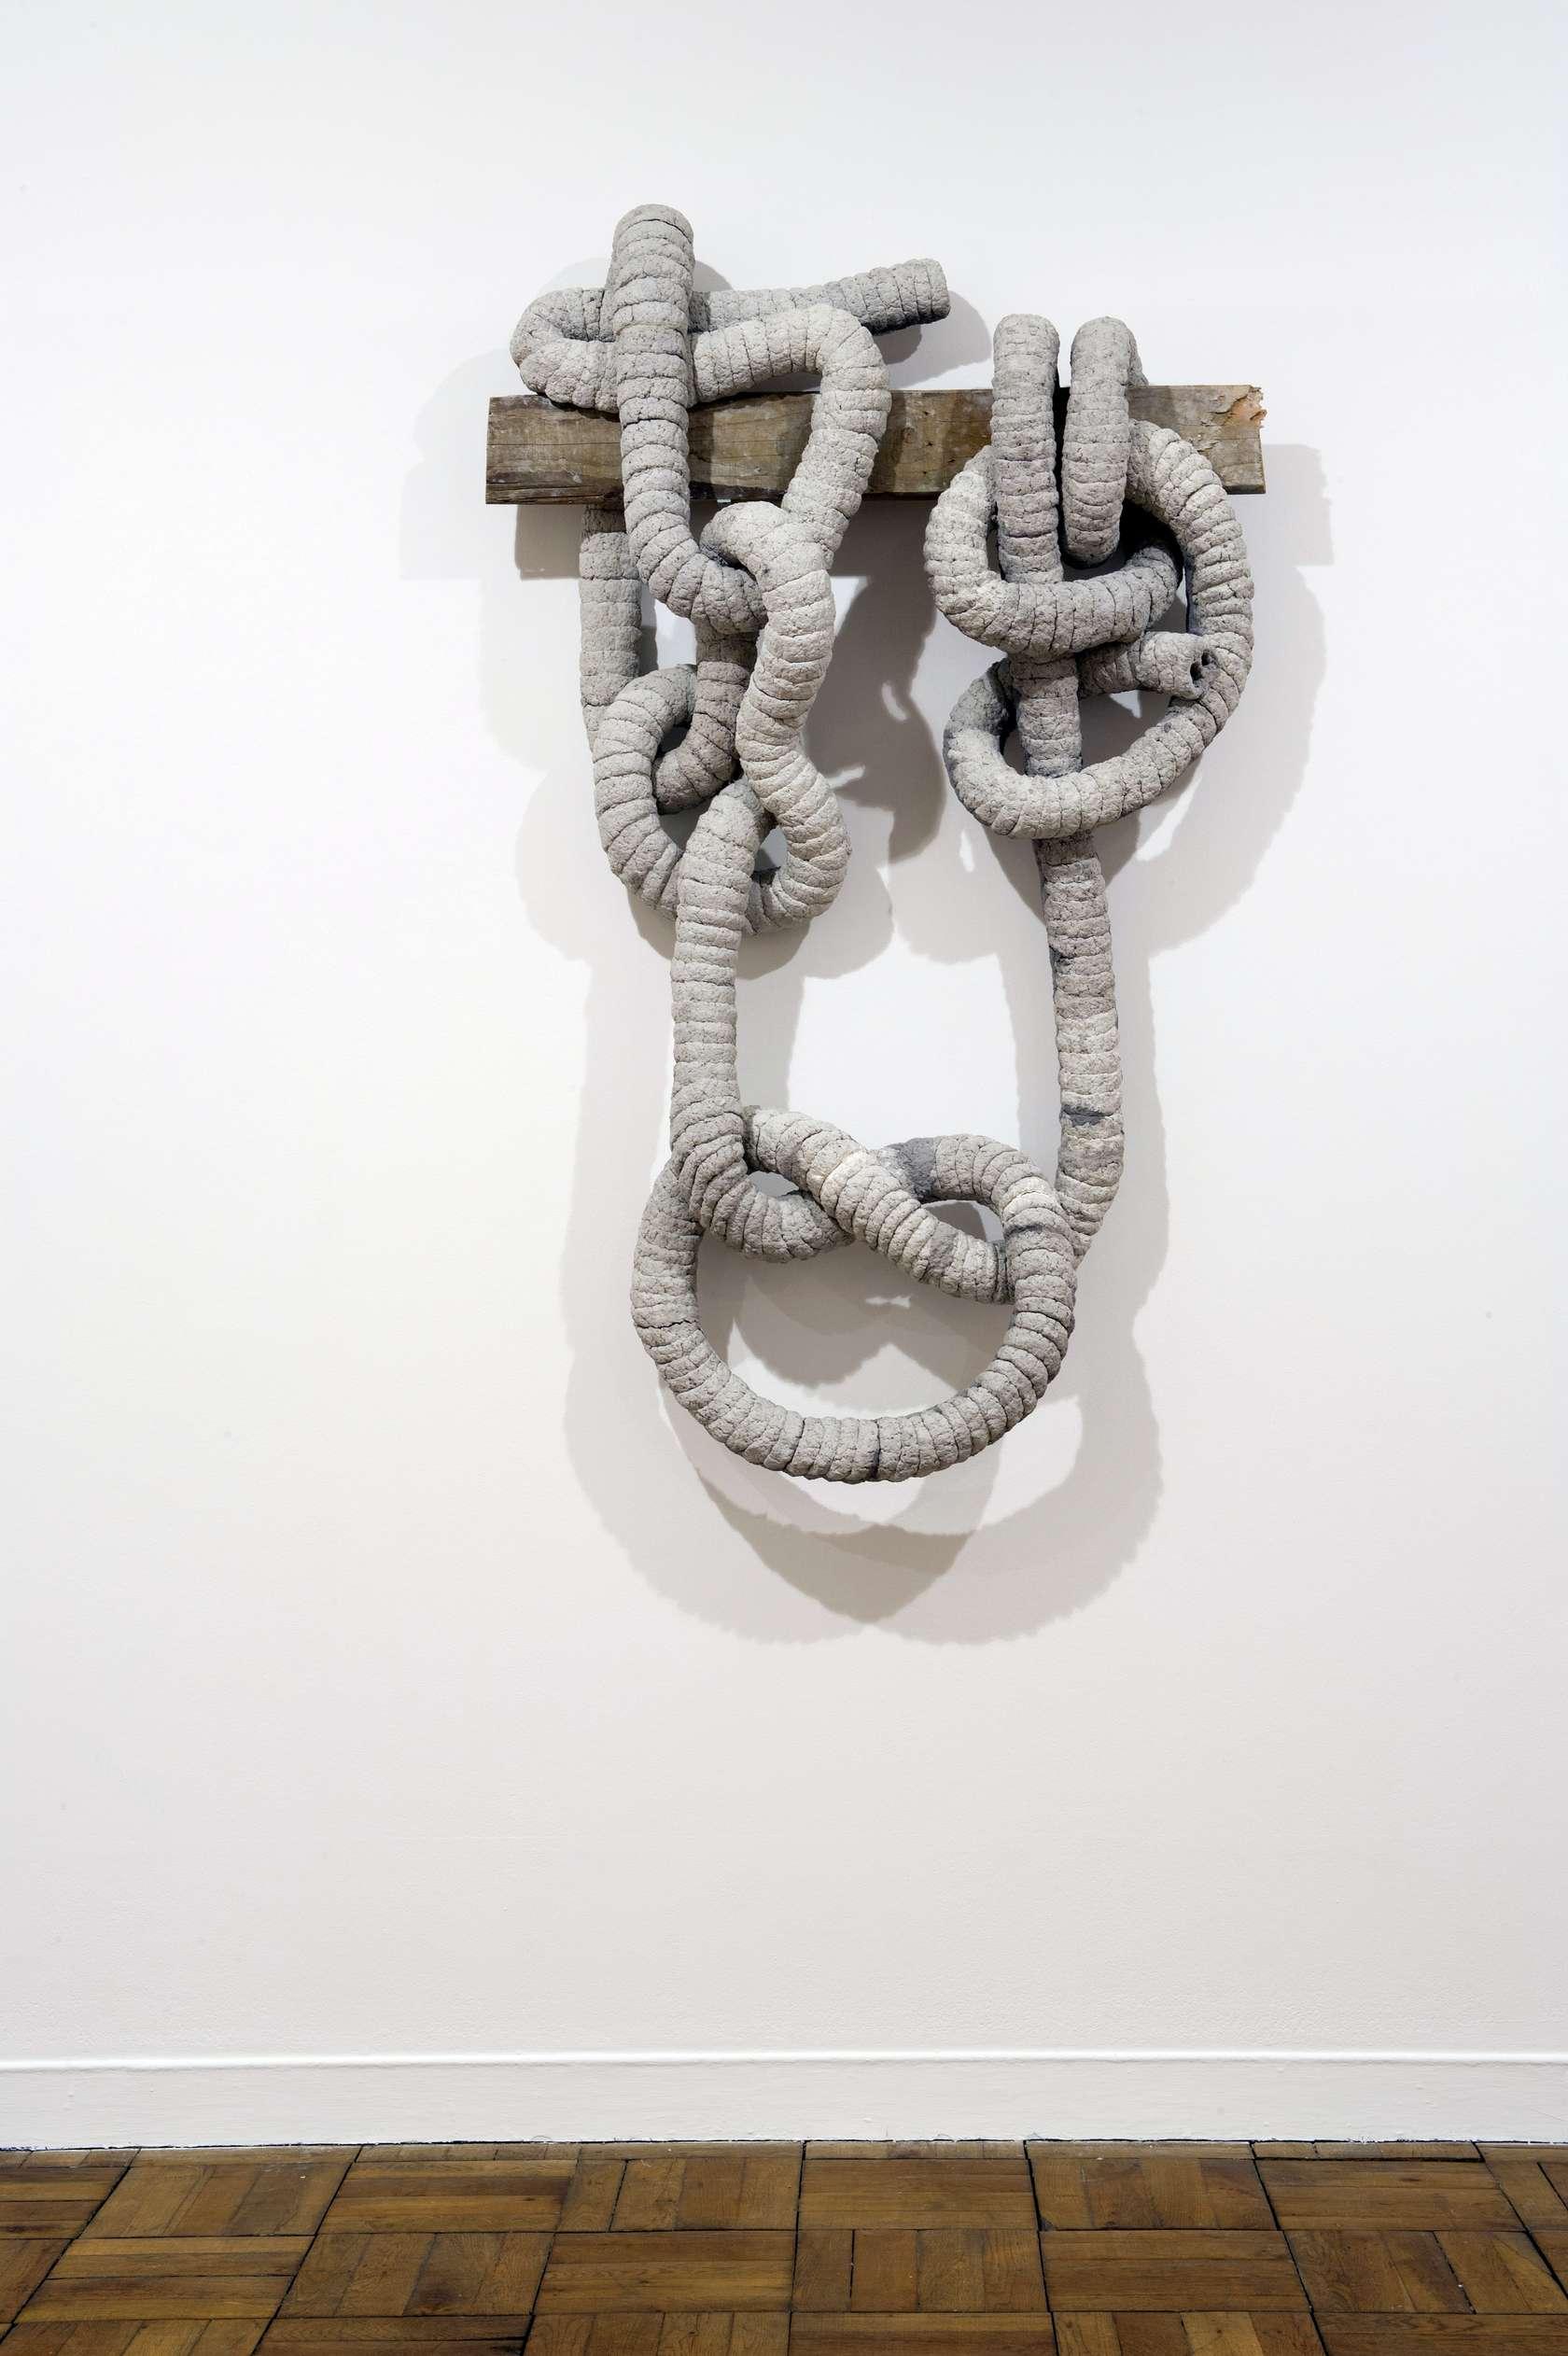 Laurent Le Deunff, Noeud de trompe V, 2012 Papier mâché, ciment et bois180 x 110 x 35 cm / 70 7/8 x 43 2/8 x 13 6/8 inches